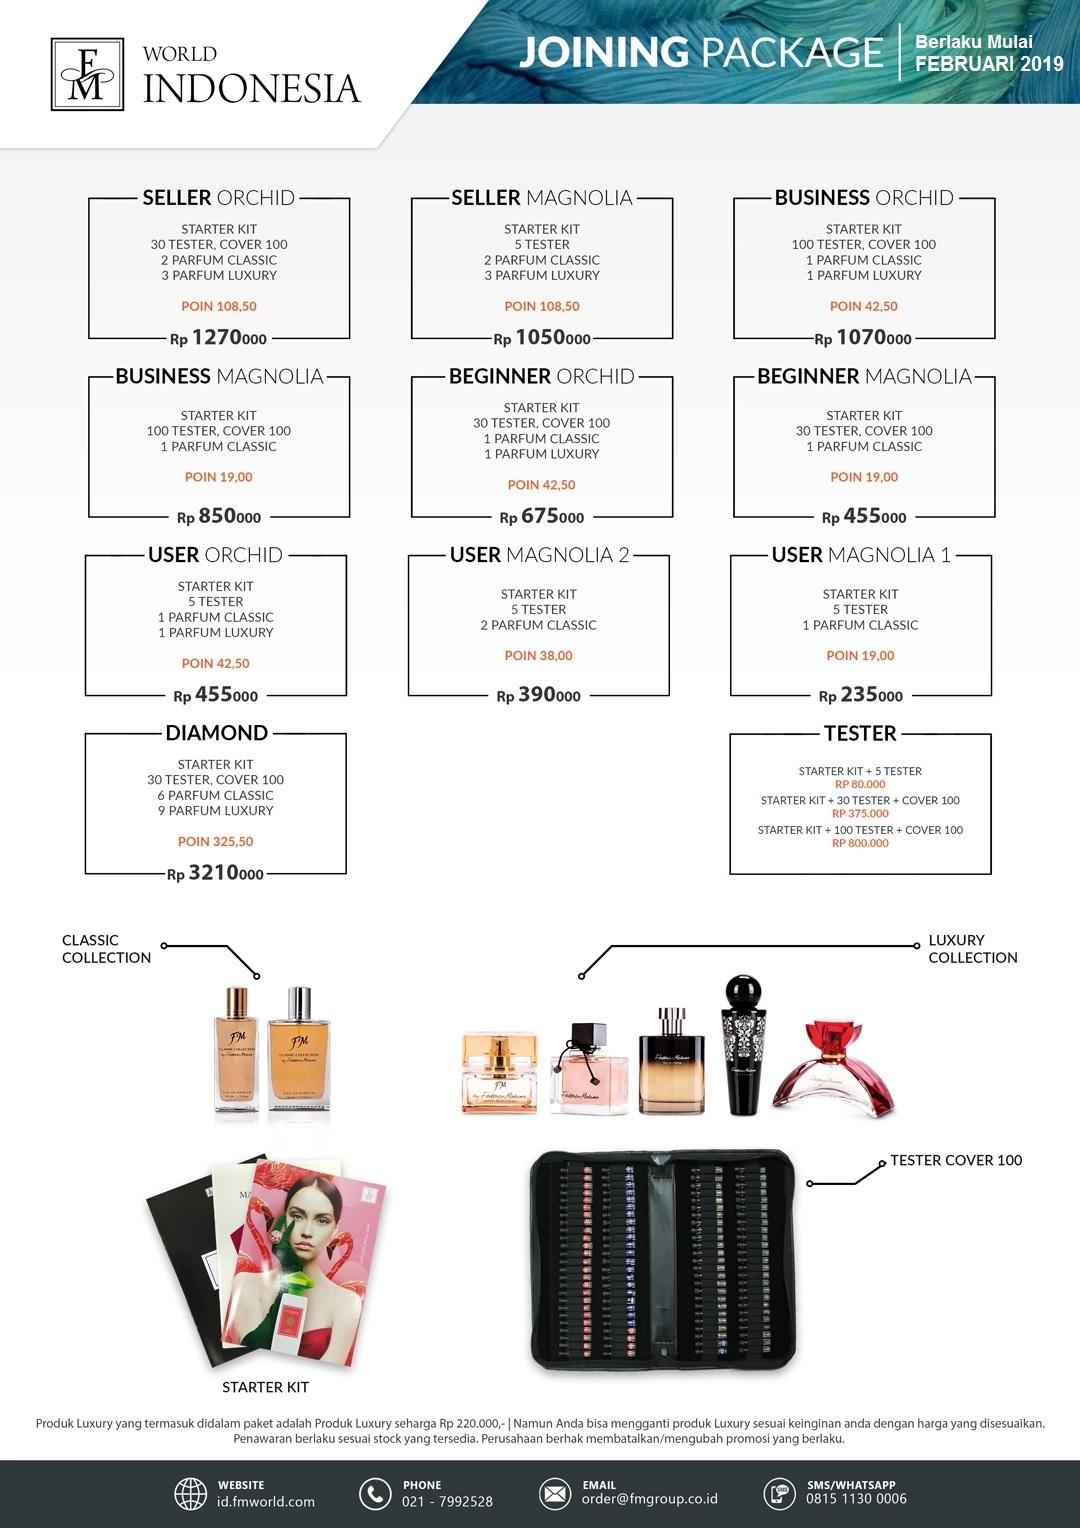 cara daftar parfum fm, cara jadi reseller parfum fm, cara jadi agen parfum fm, paket join fm terbaru